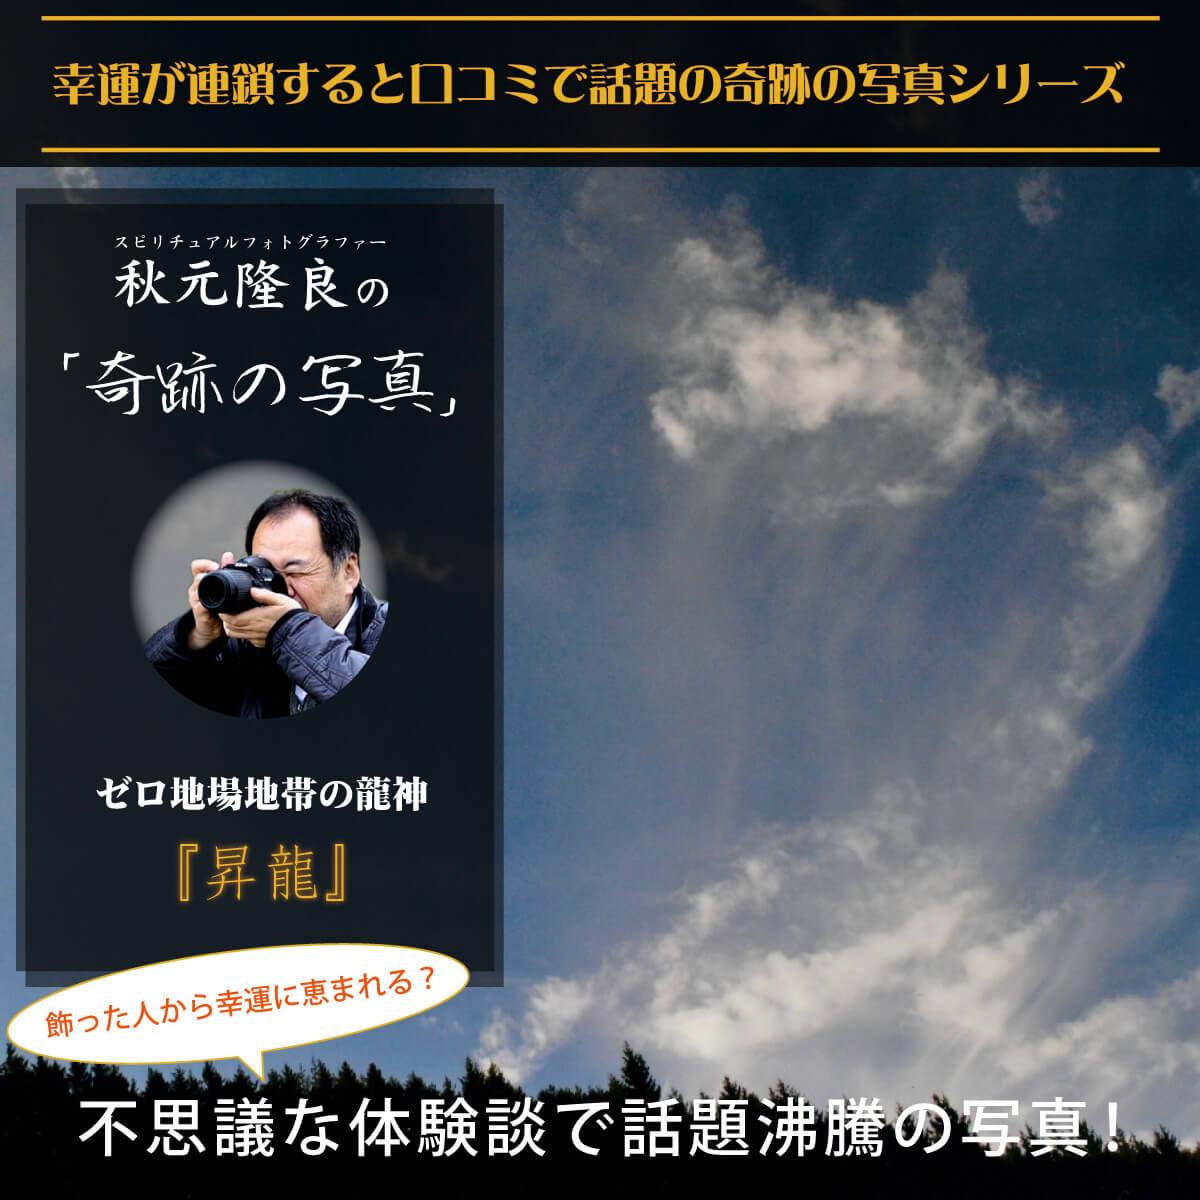 【奇跡の写真】昇龍 ≫飾るだけで幸運が連鎖すると話題!秋元隆良の開運フォト作品 開運グッズ